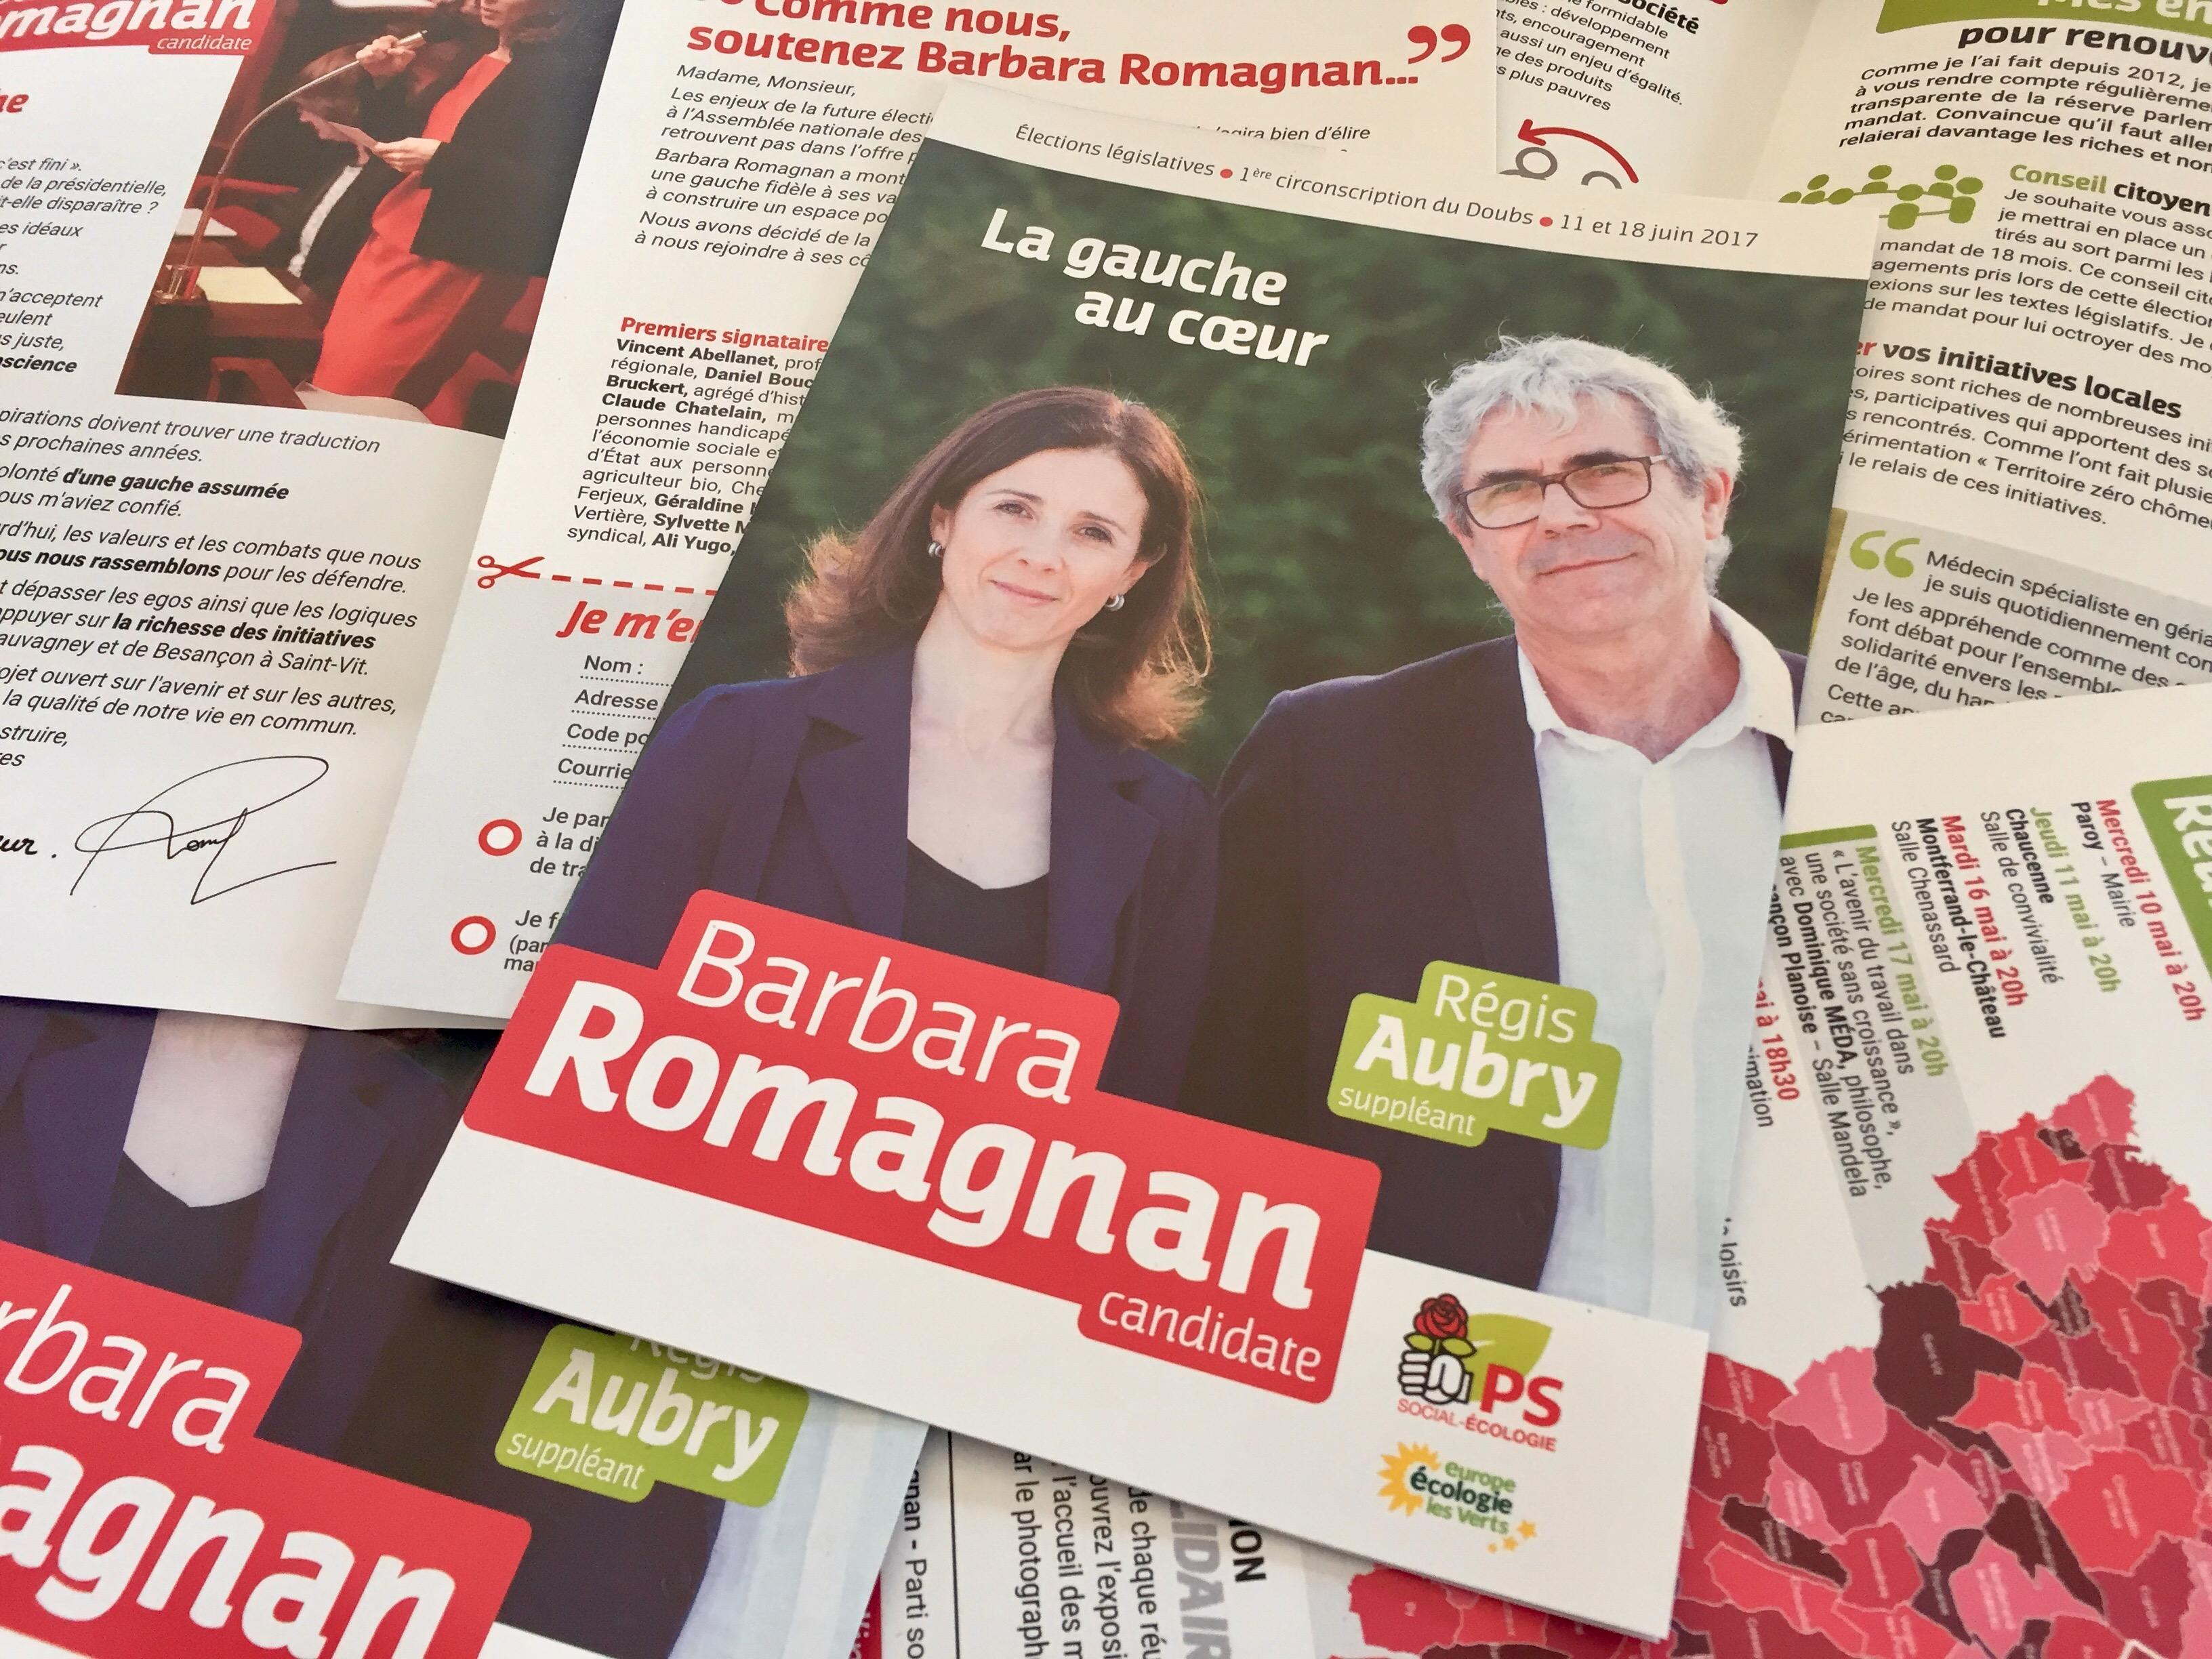 La Gauche Au Cœur : Mon Document De Campagne